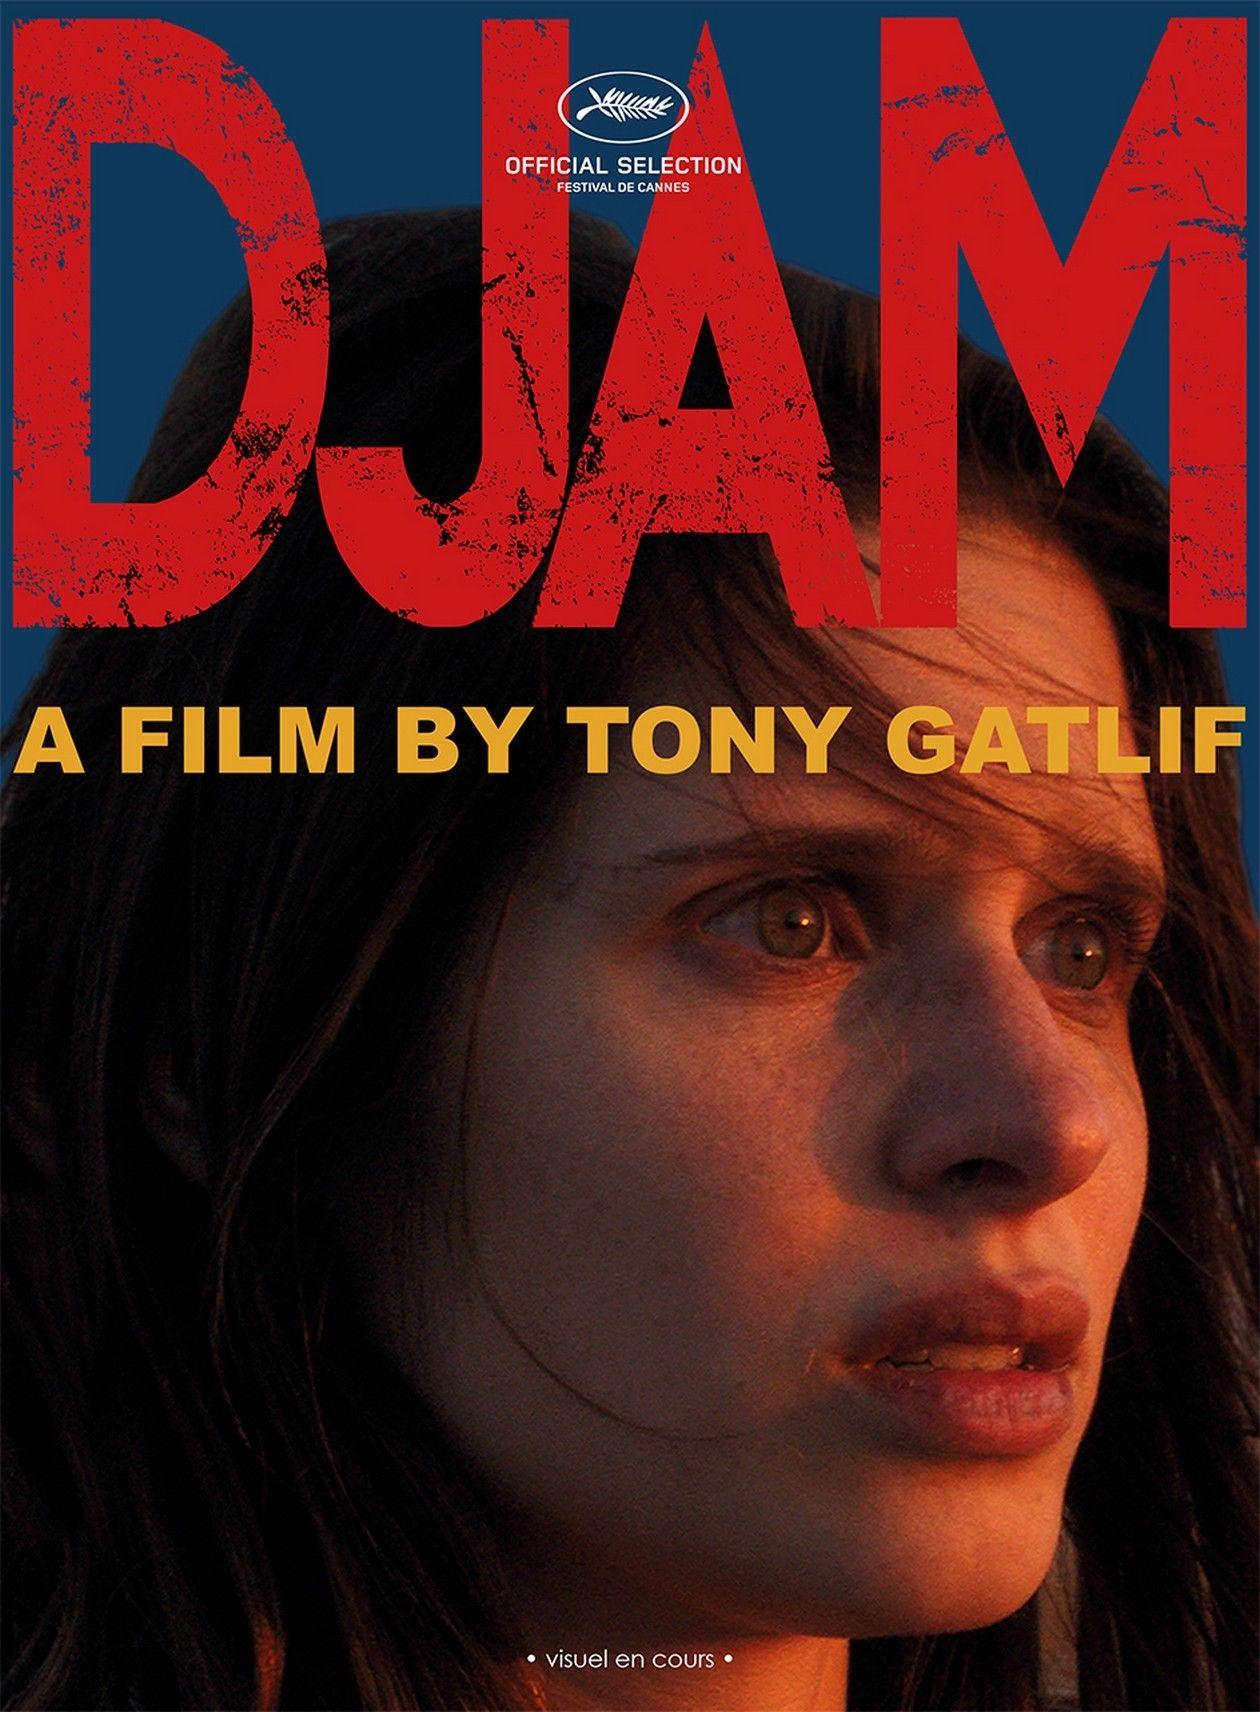 Daphné Patakia actress actrice comédienne | Djam / TONY GATLIF 2017 - MOVIE POSTER / AFFICHE FILM